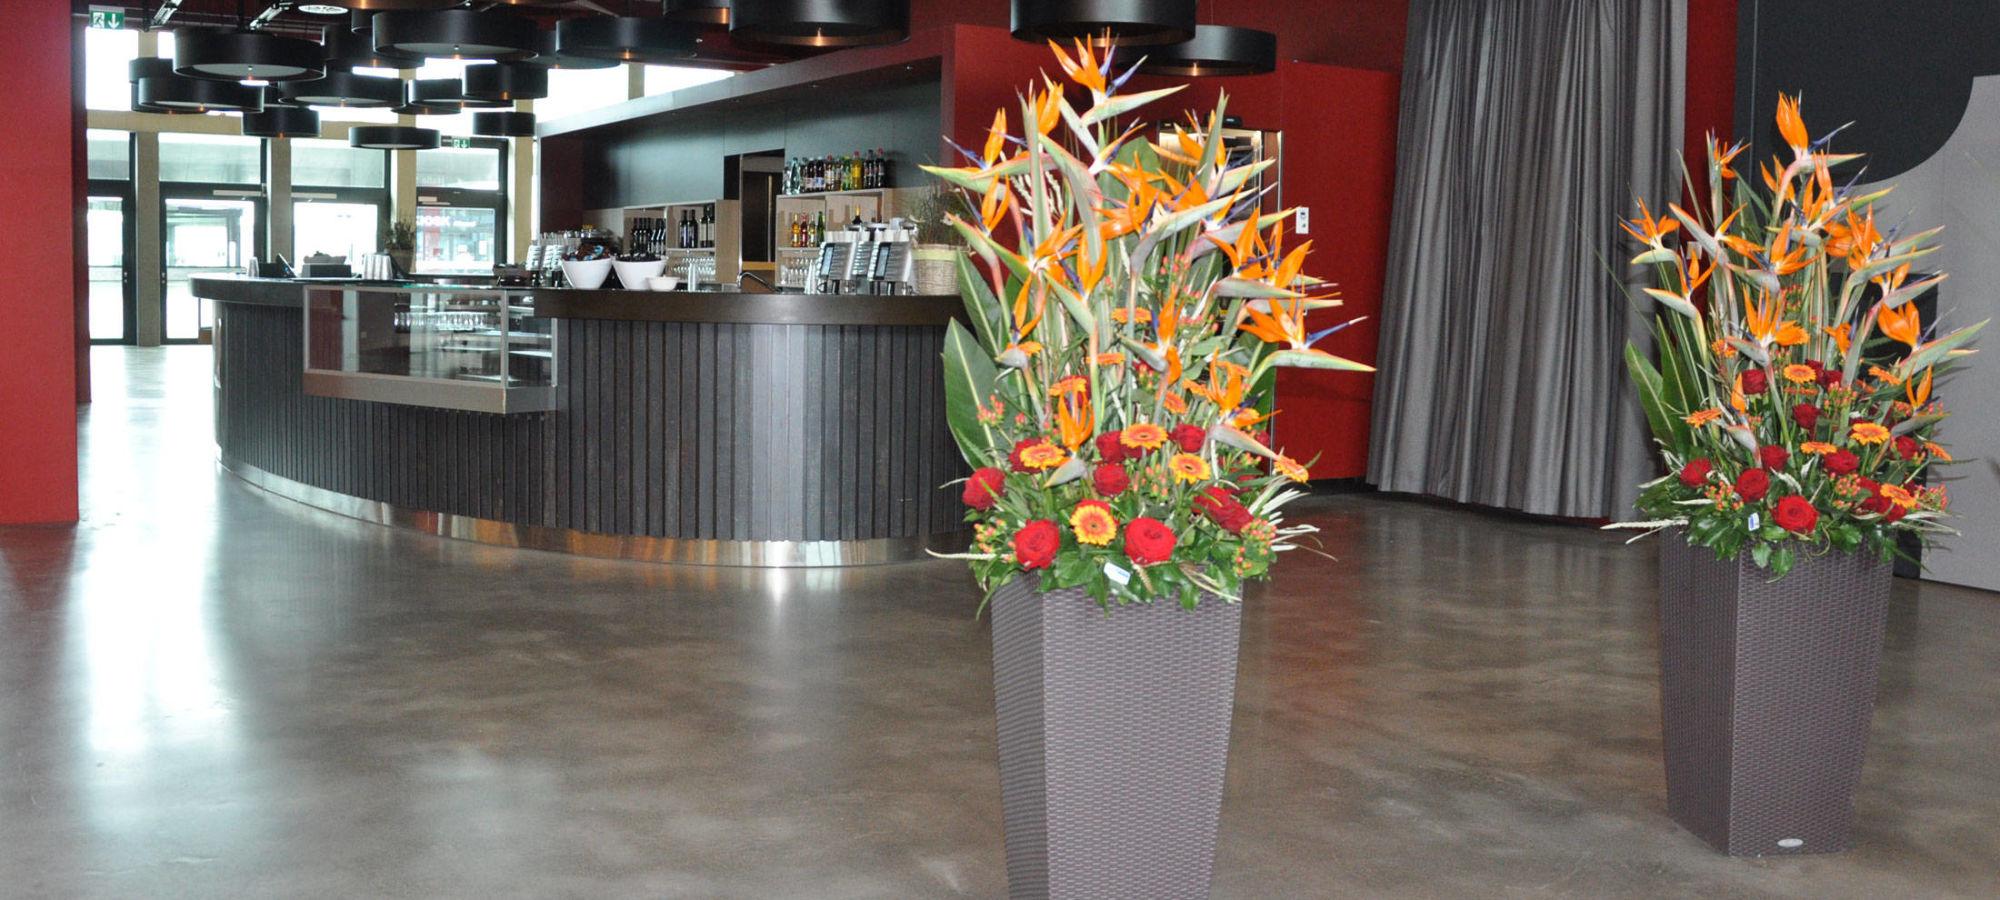 STRUB Blumen Dekoration